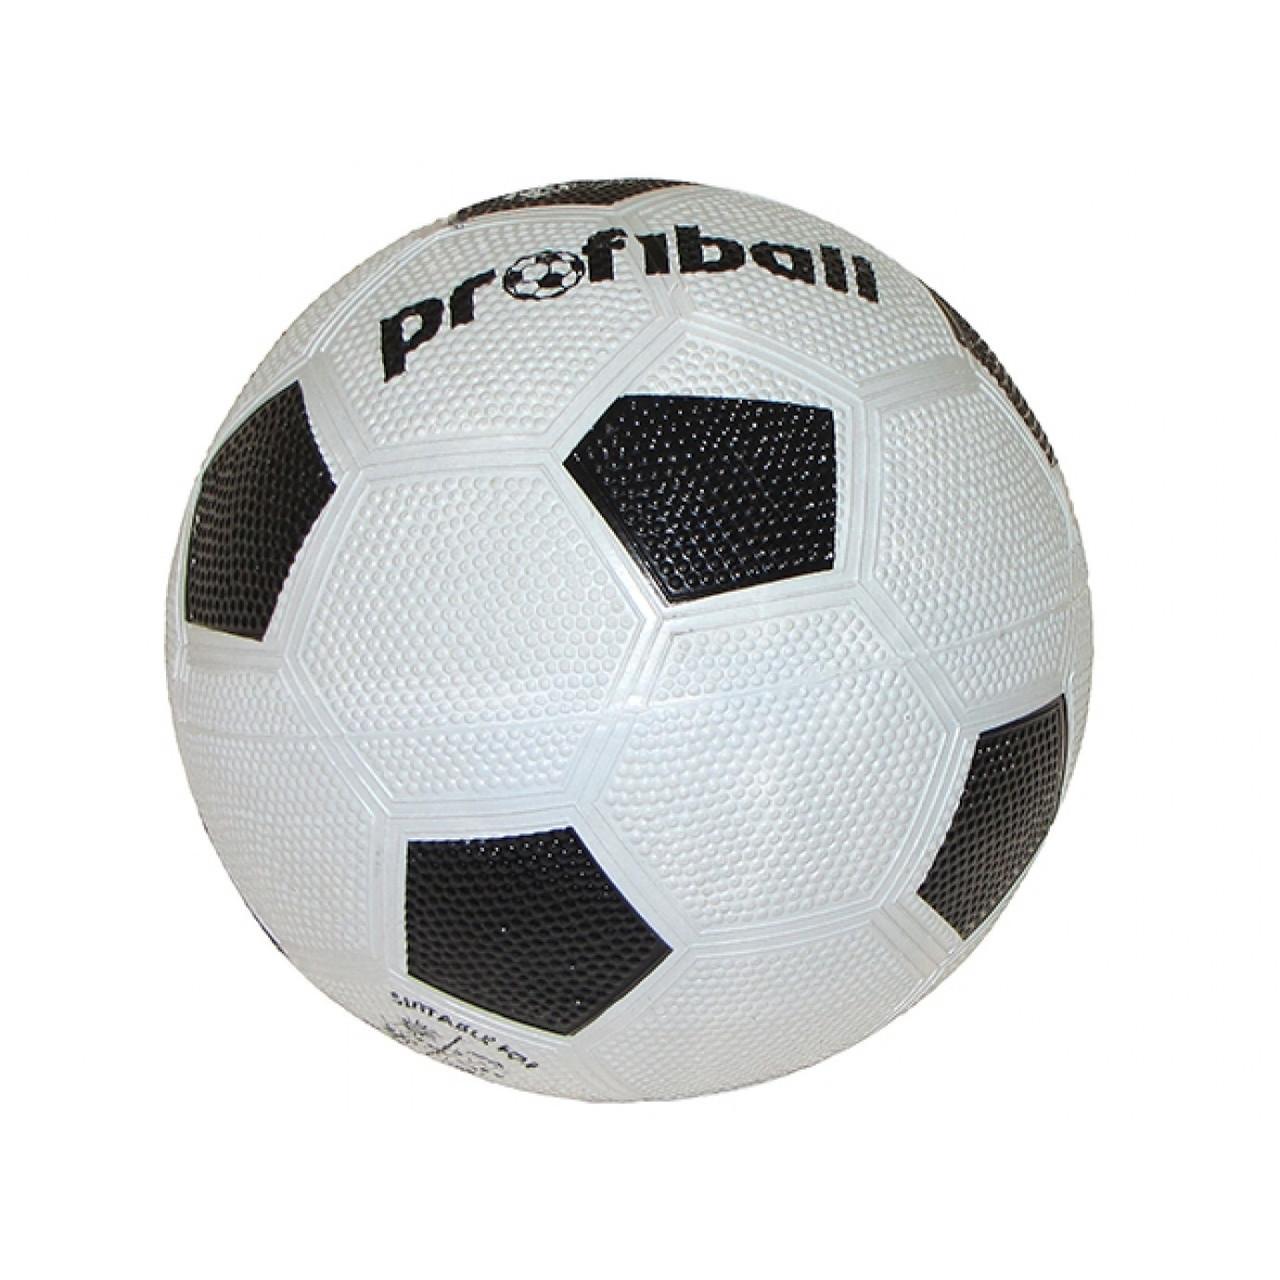 М'яч футбольний Official VA0008 розмір 4 290г Grain гумовий